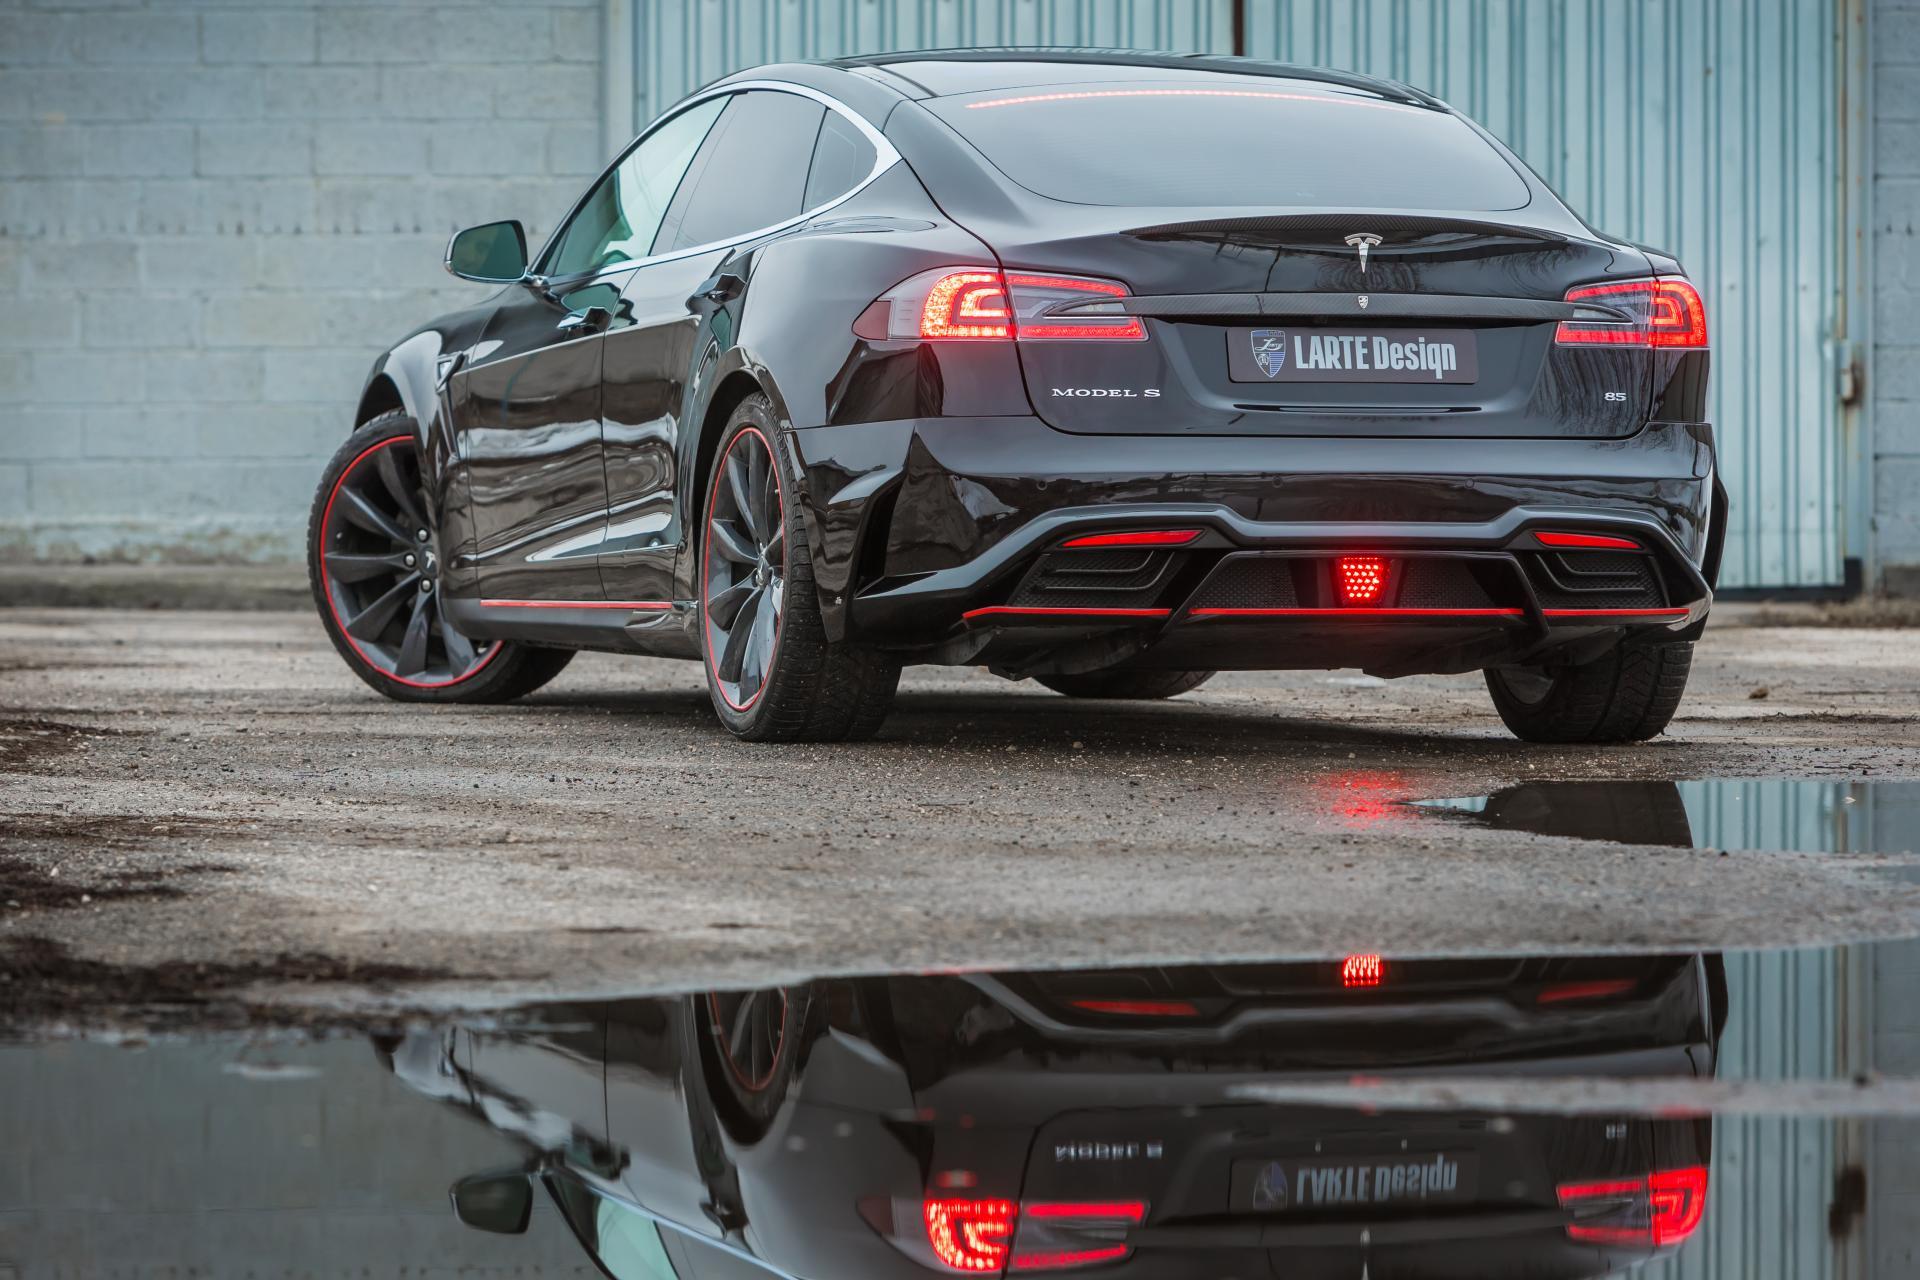 Tesla enthüllt Model S Plaid: 840 km Reichweite, 320 km/h Höchstgeschwindigkeit, 0 auf 100 km/h in unter 2 Sekunden